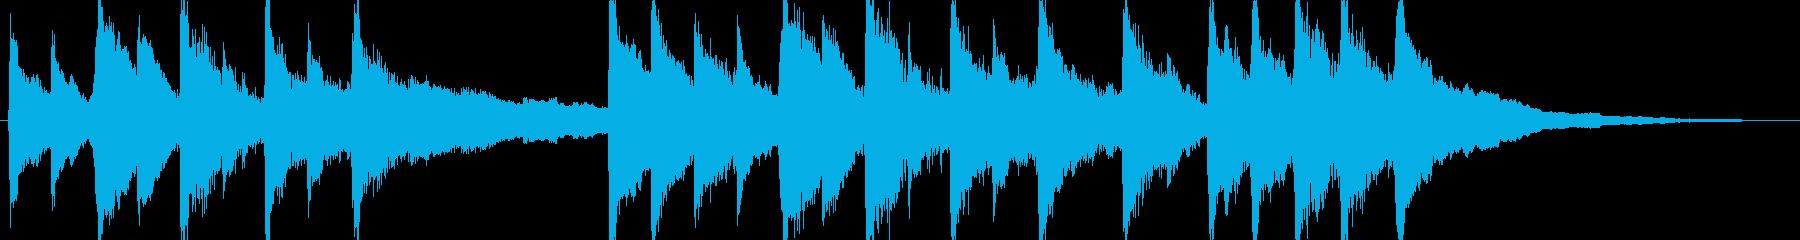 ジングル - 子守唄の再生済みの波形